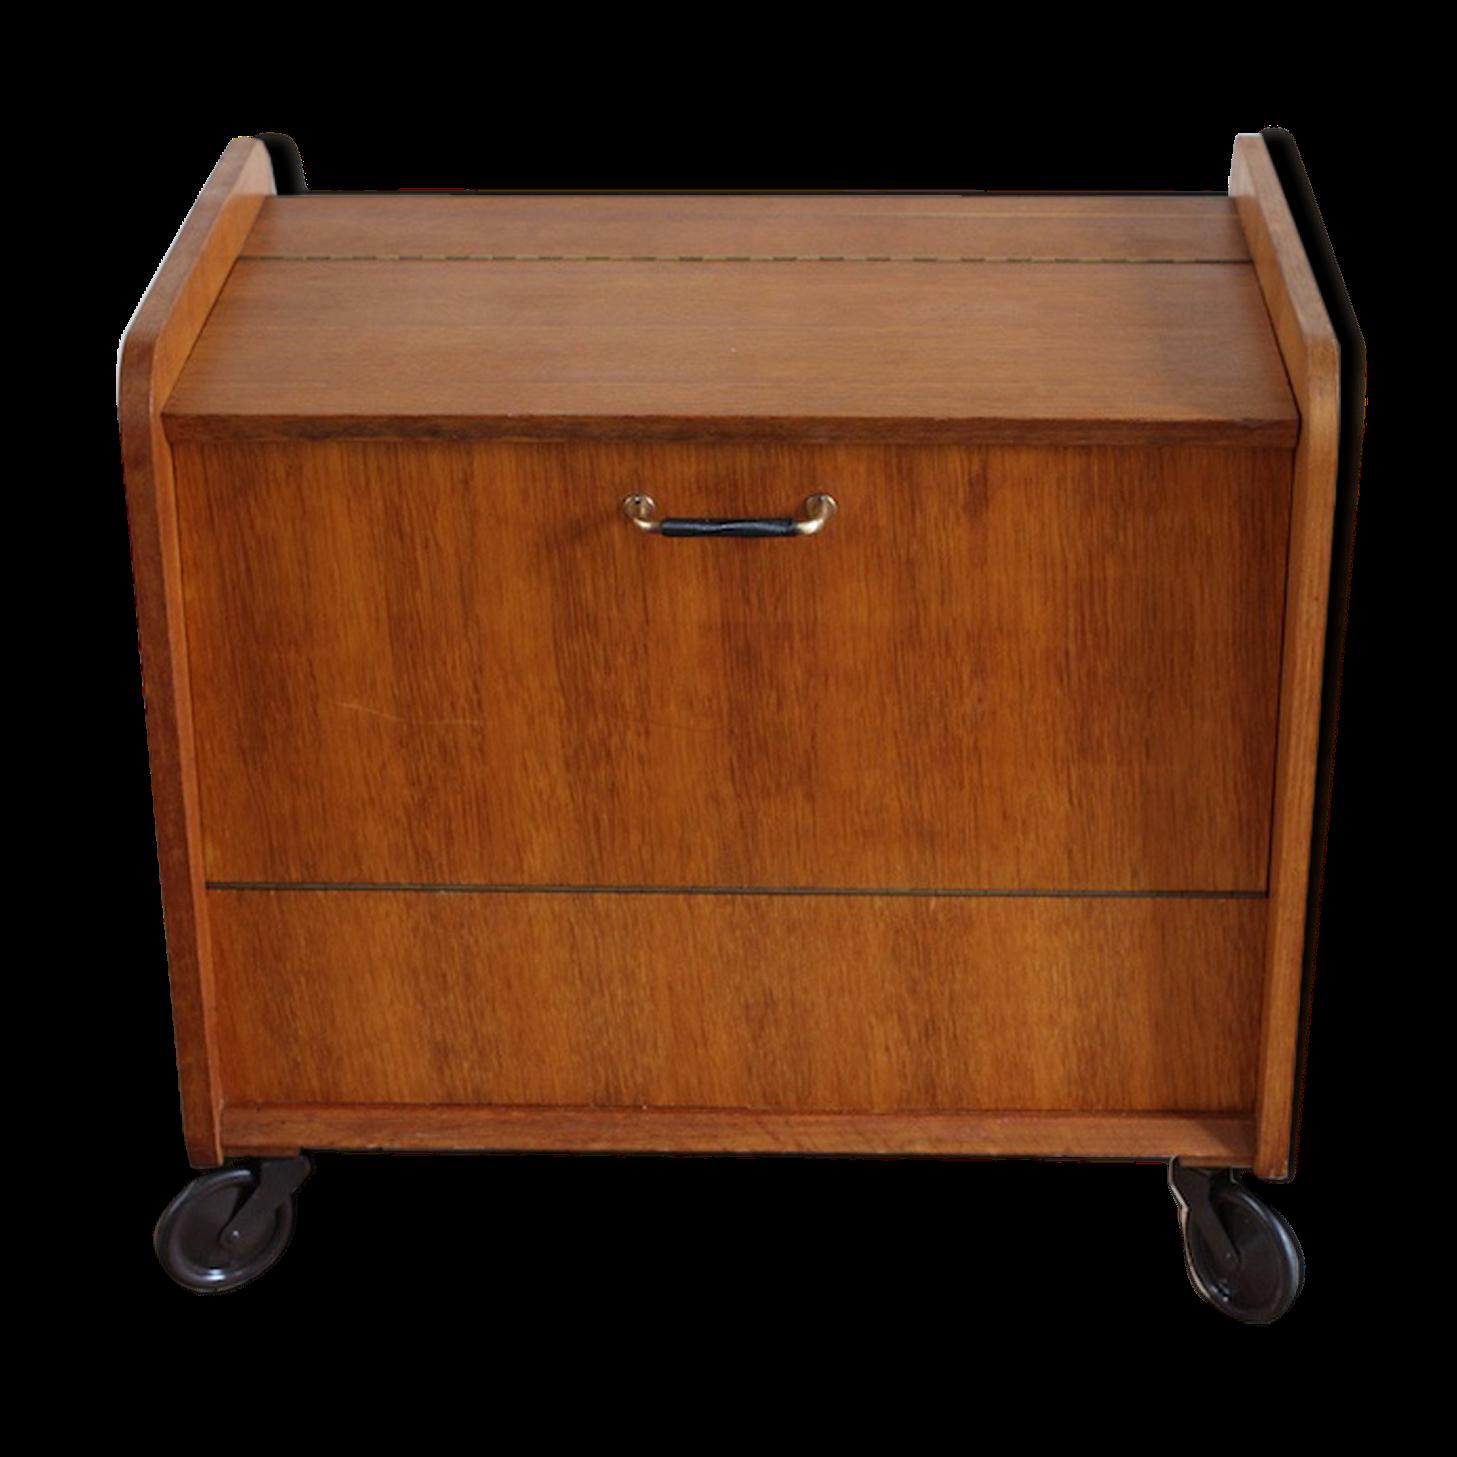 cool meuble bar sur roulettes vintage des annes with meuble bar rangement. Black Bedroom Furniture Sets. Home Design Ideas